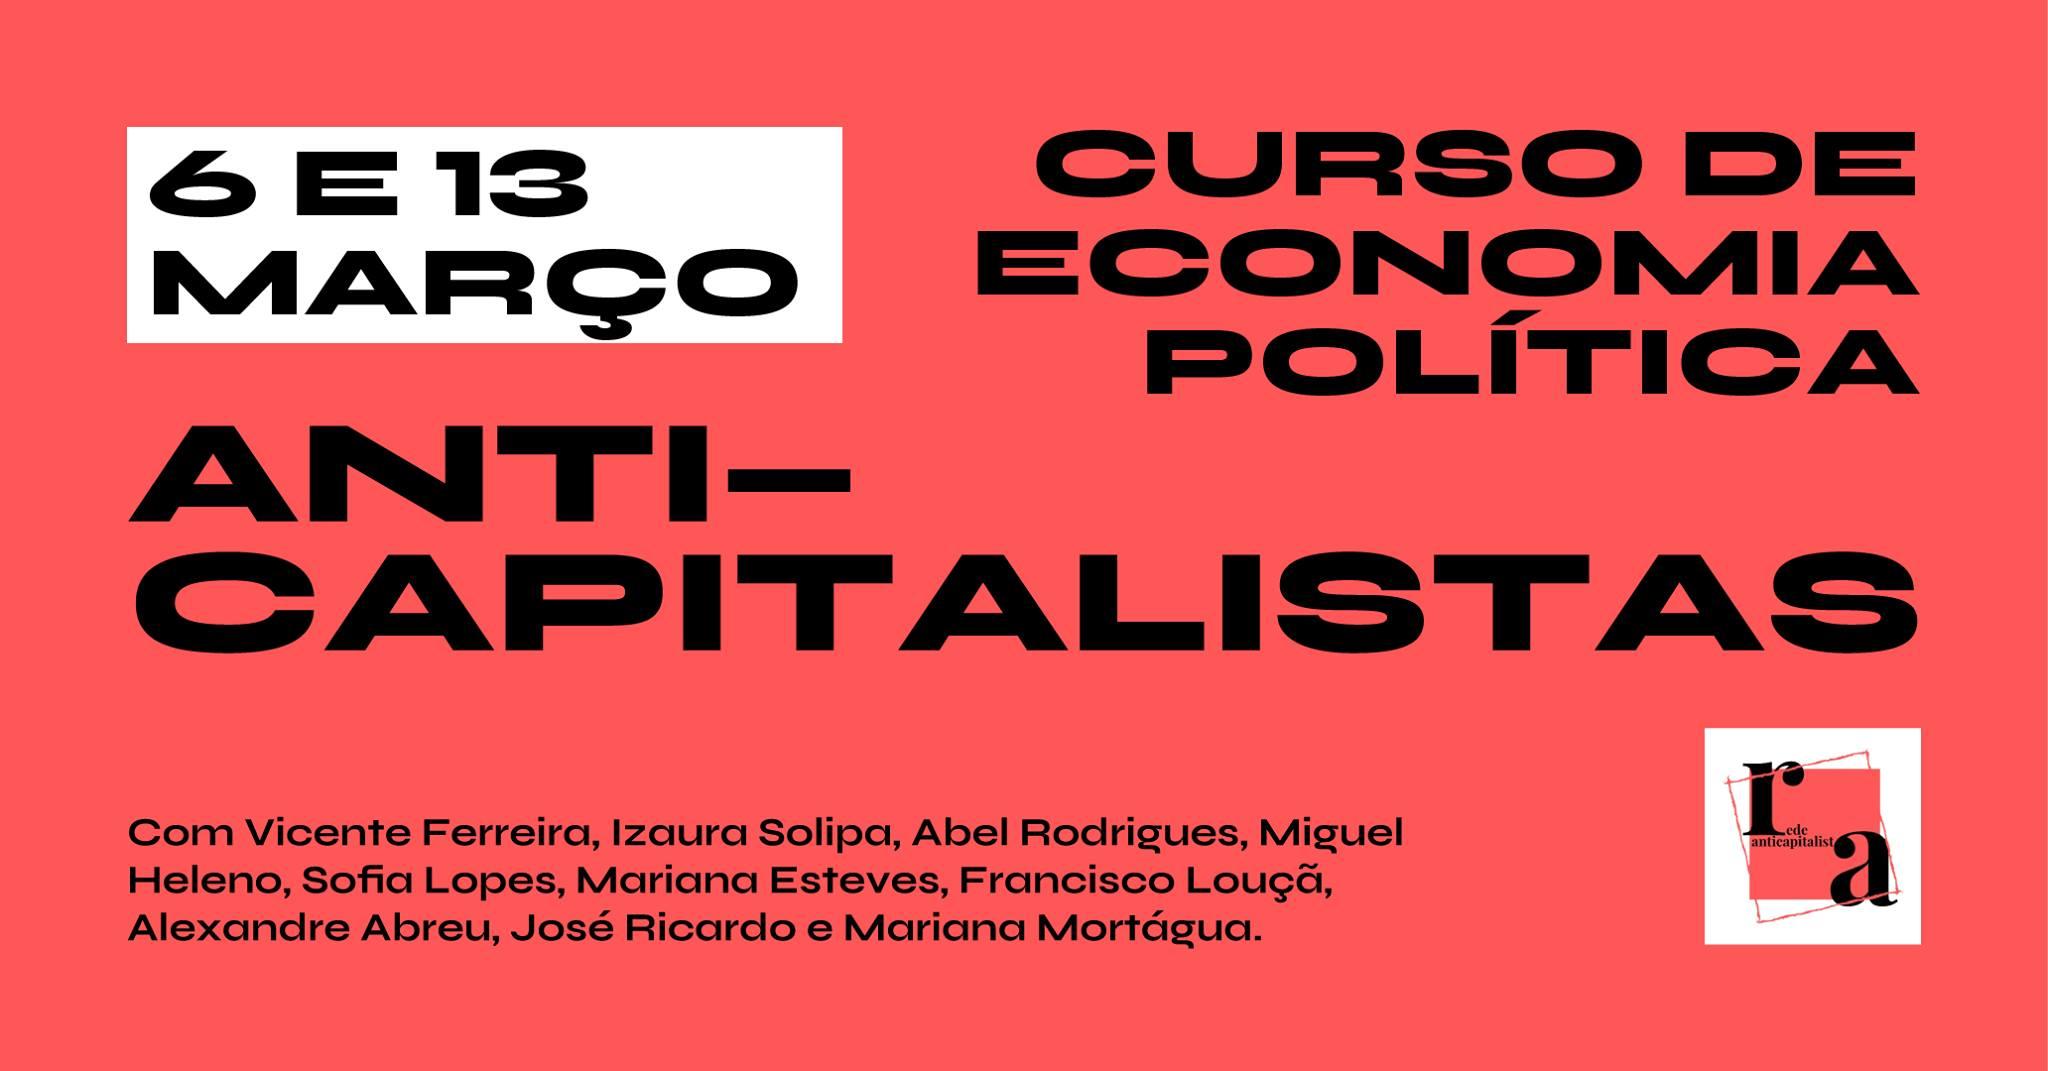 ANTICAPITALISTAS -  Curso de Economia Política